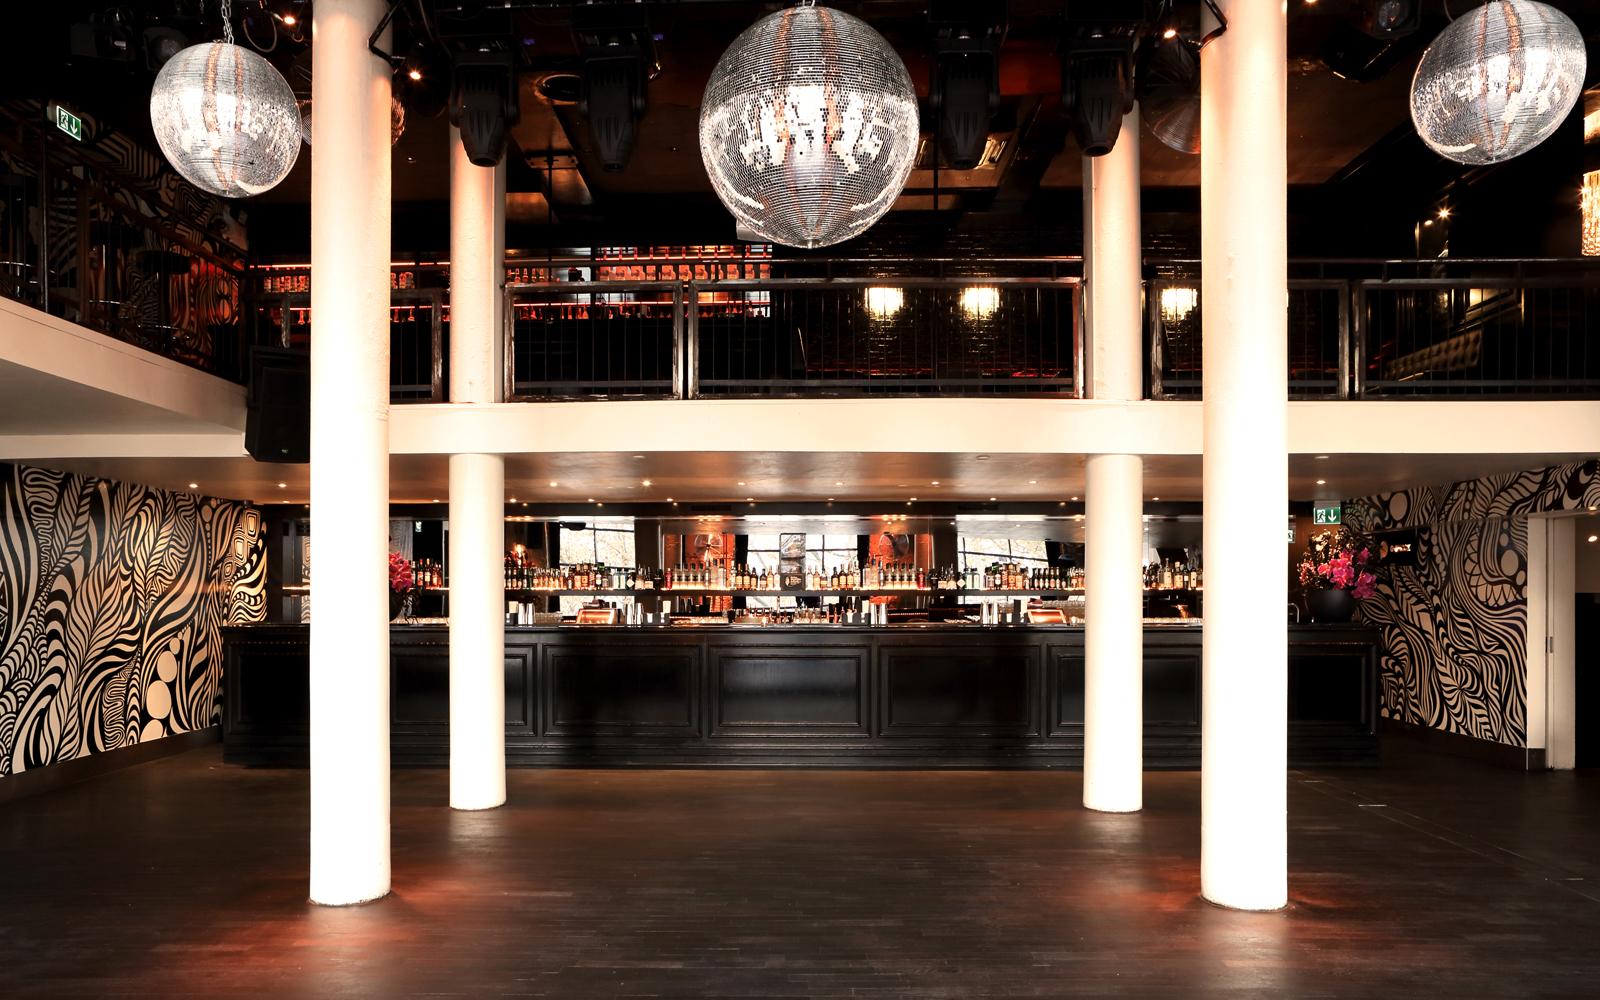 mainfloor-mit-bar-und-galerie